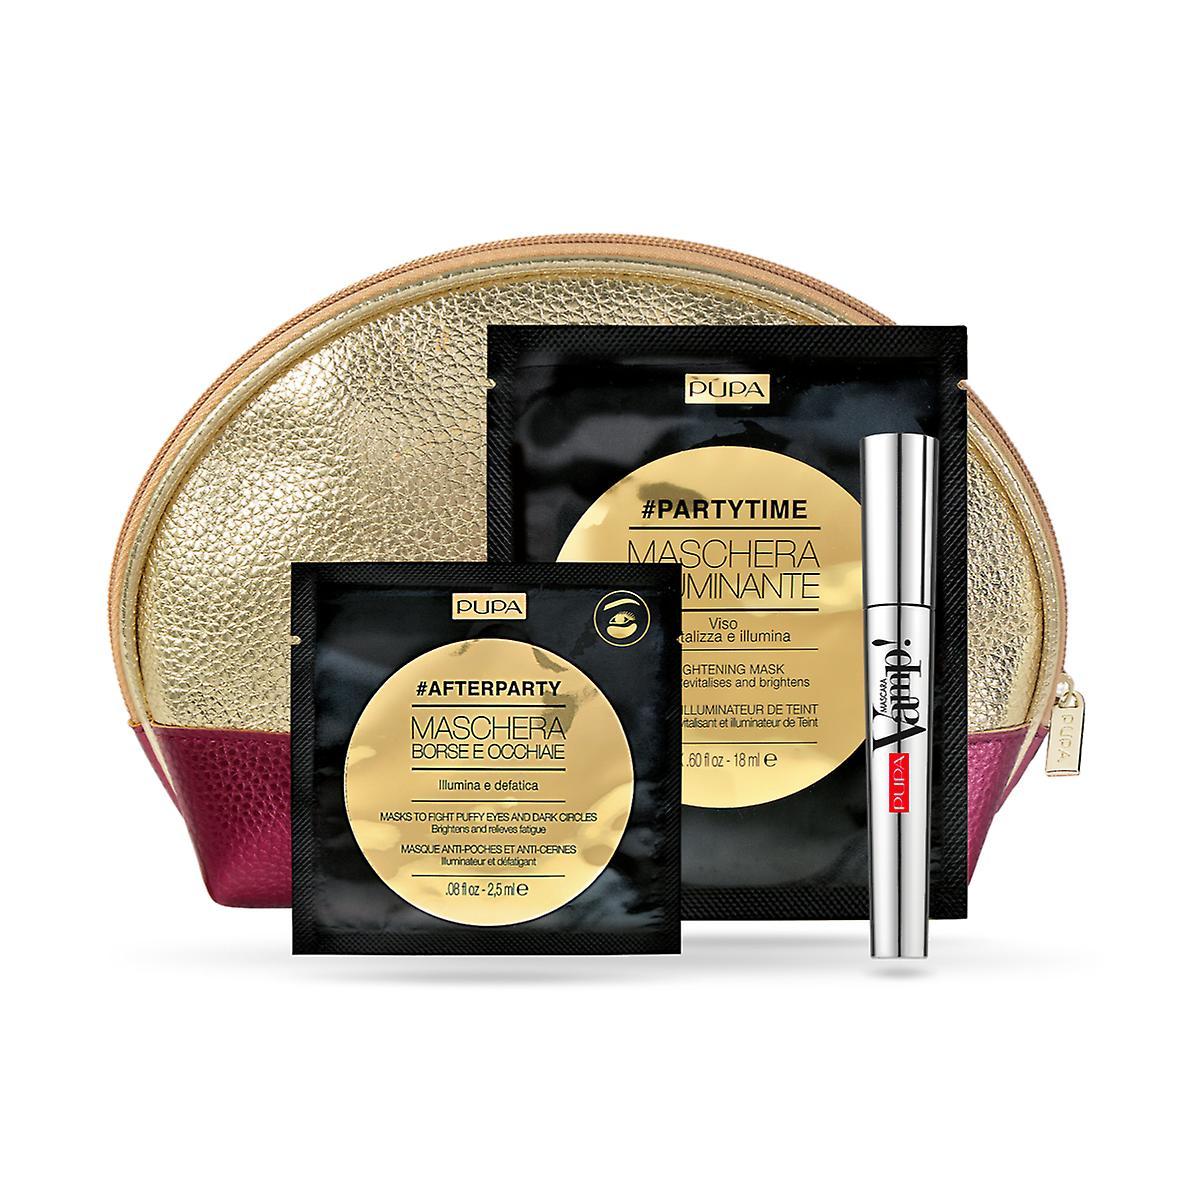 Vamp! Mascara, Brightening Mask & Eye Patch - Gift Set